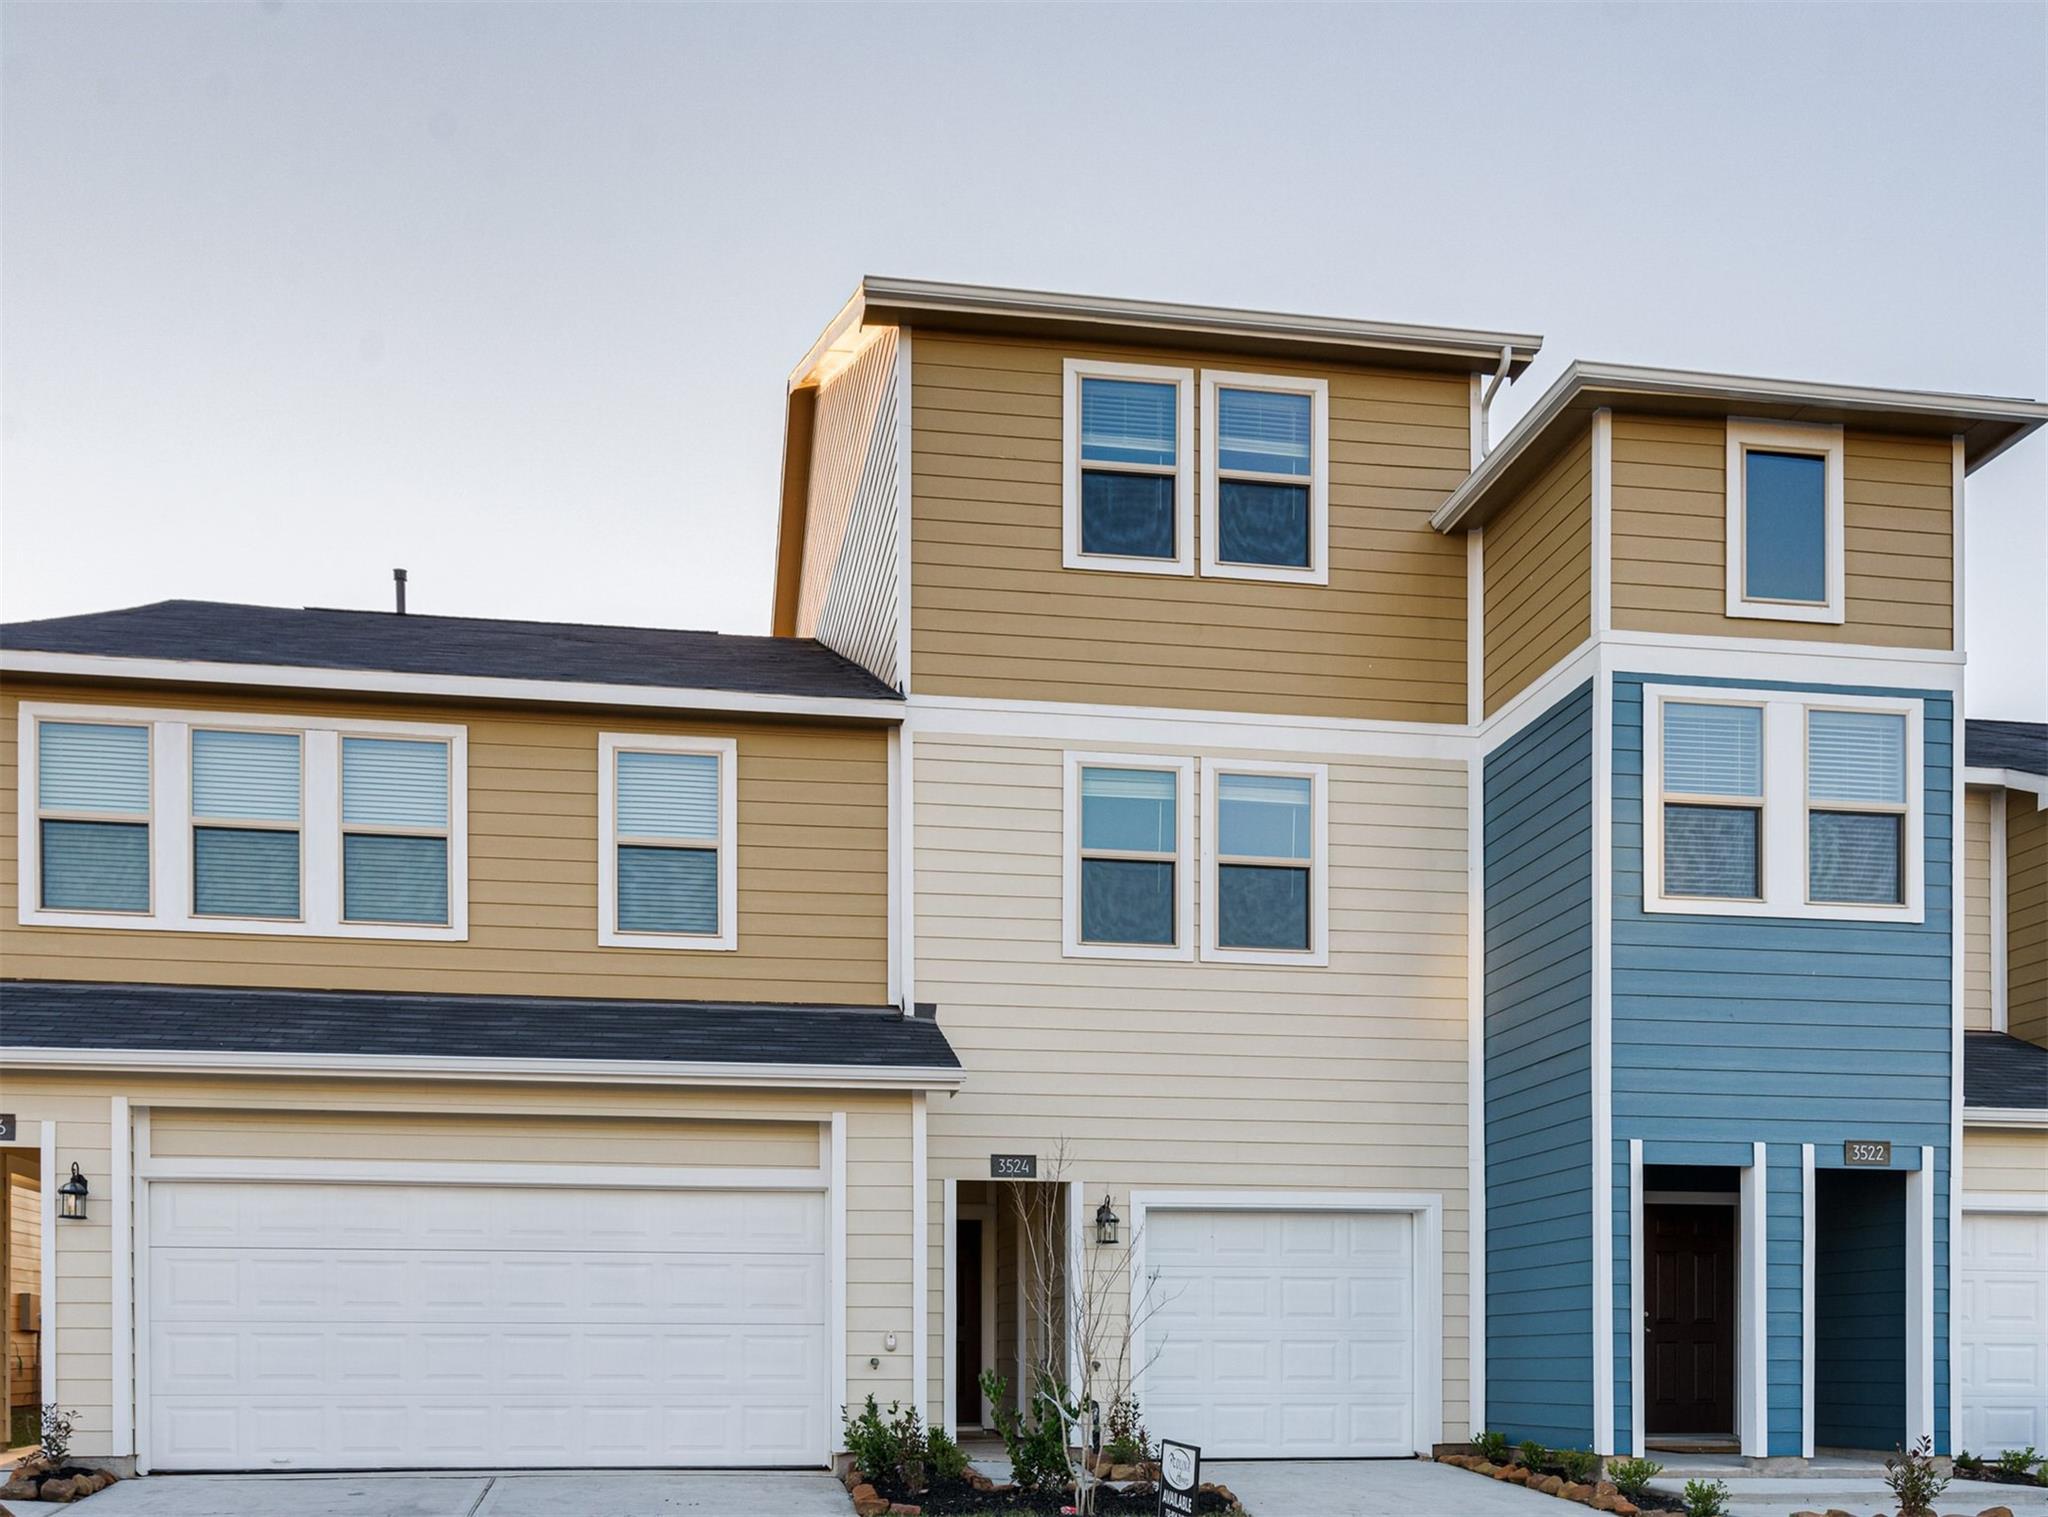 3605 Vineyard Lane Property Photo - Pasadena, TX real estate listing